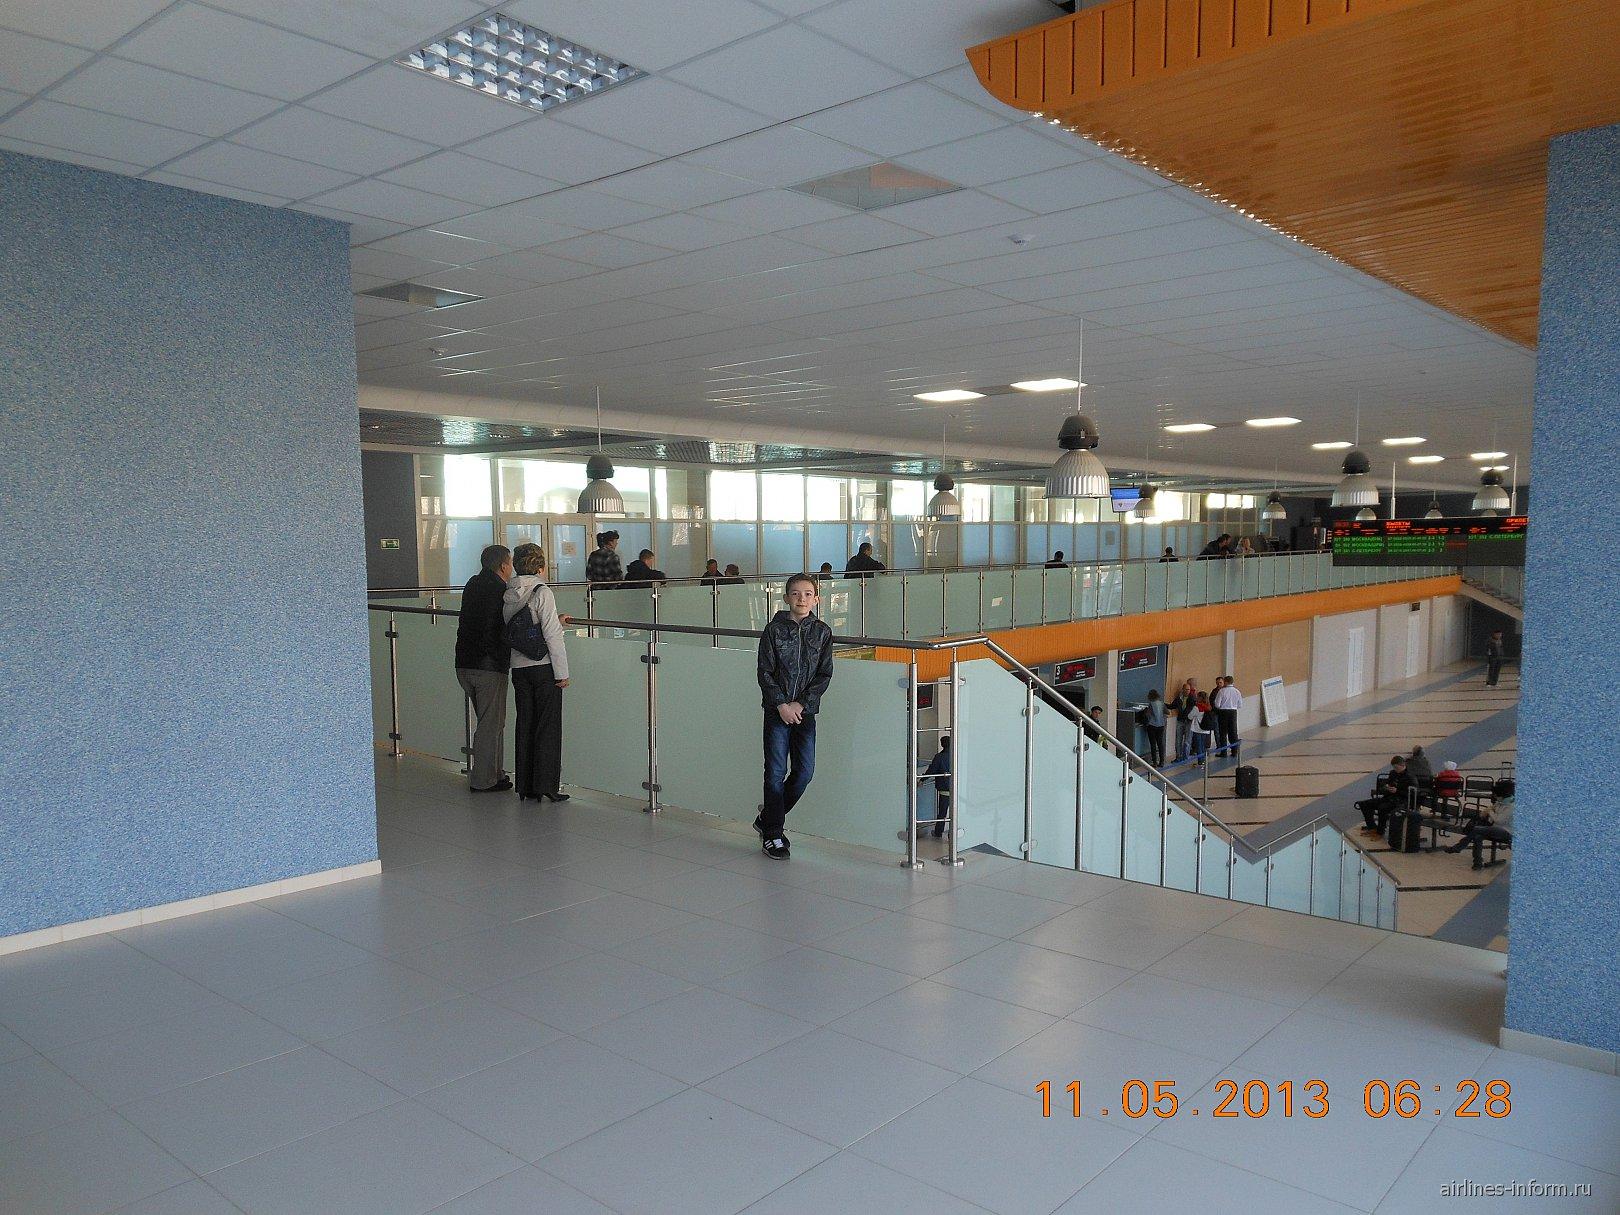 Аэропорт Сыктывкар после ремонта